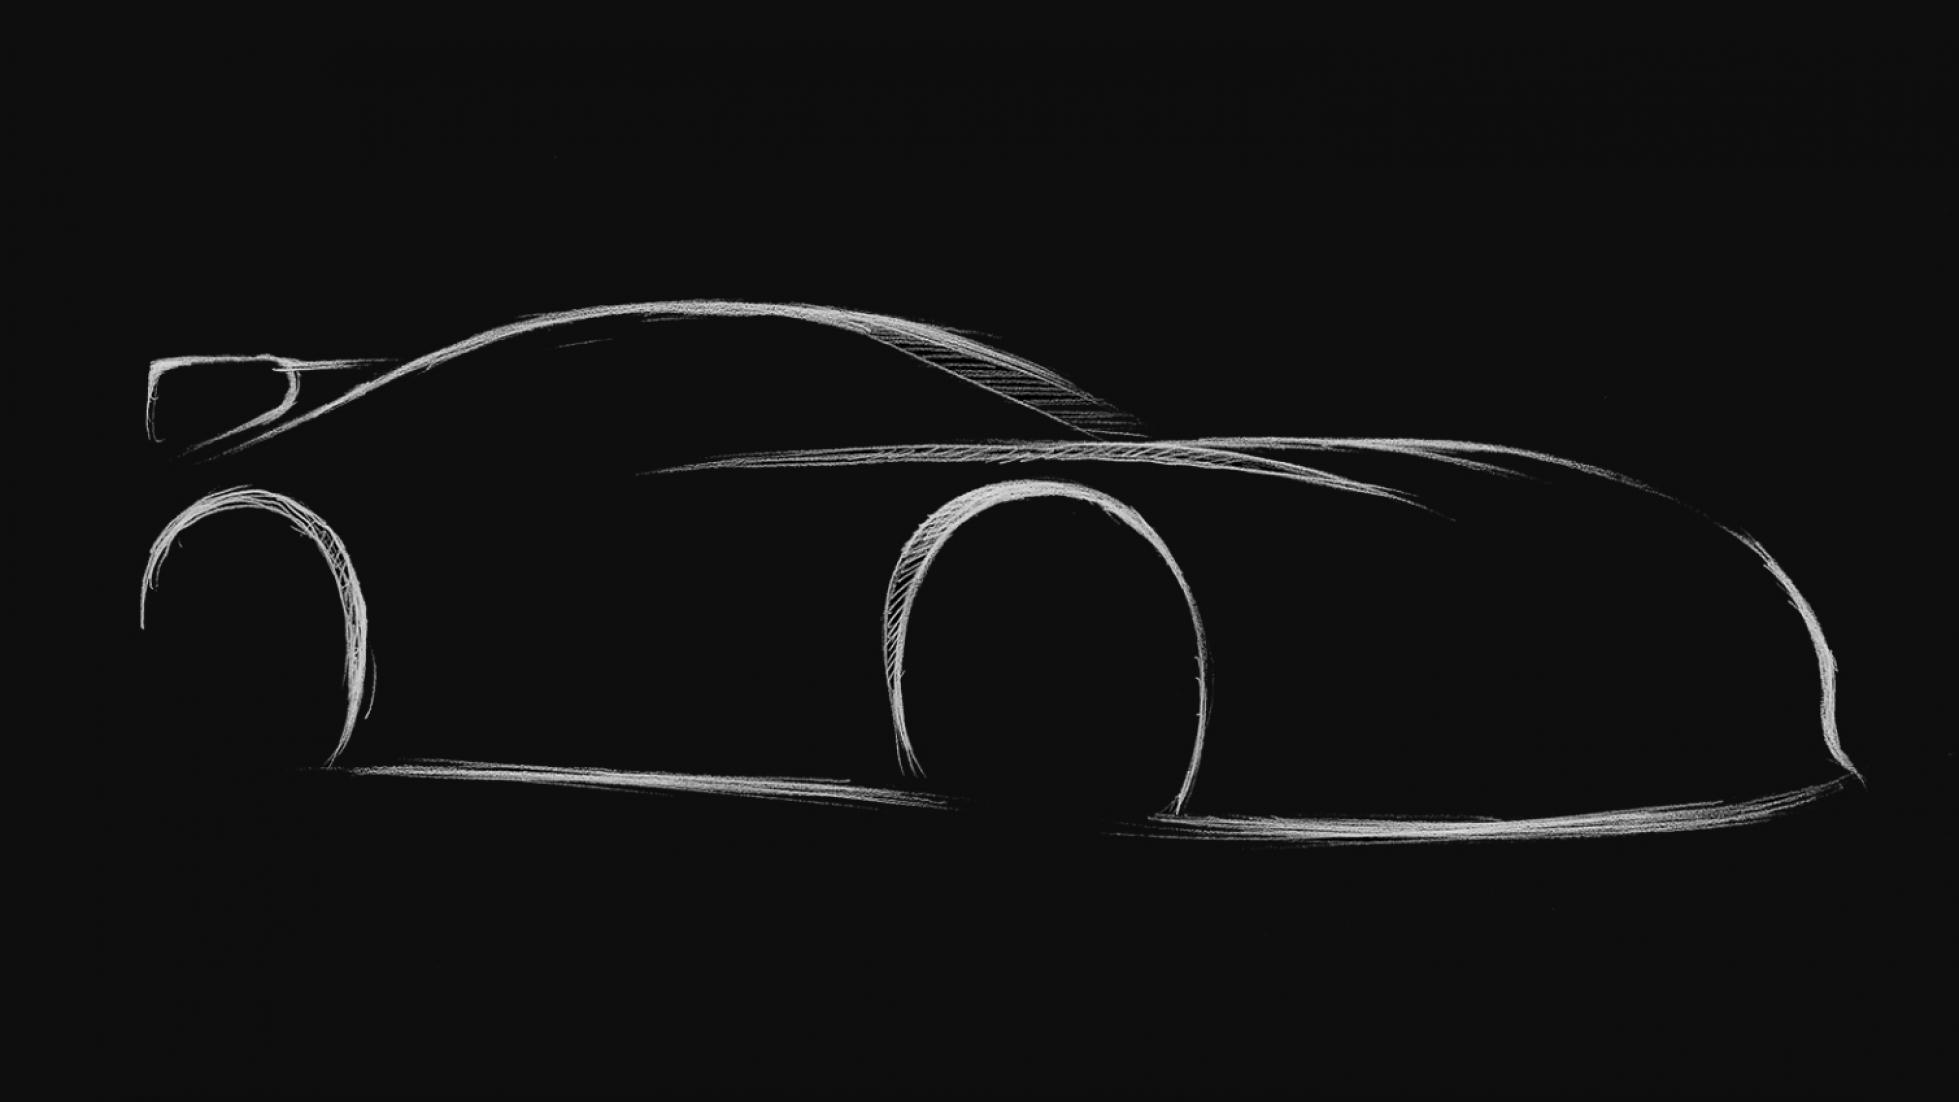 Schets nieuwe Toyota Supra TRD